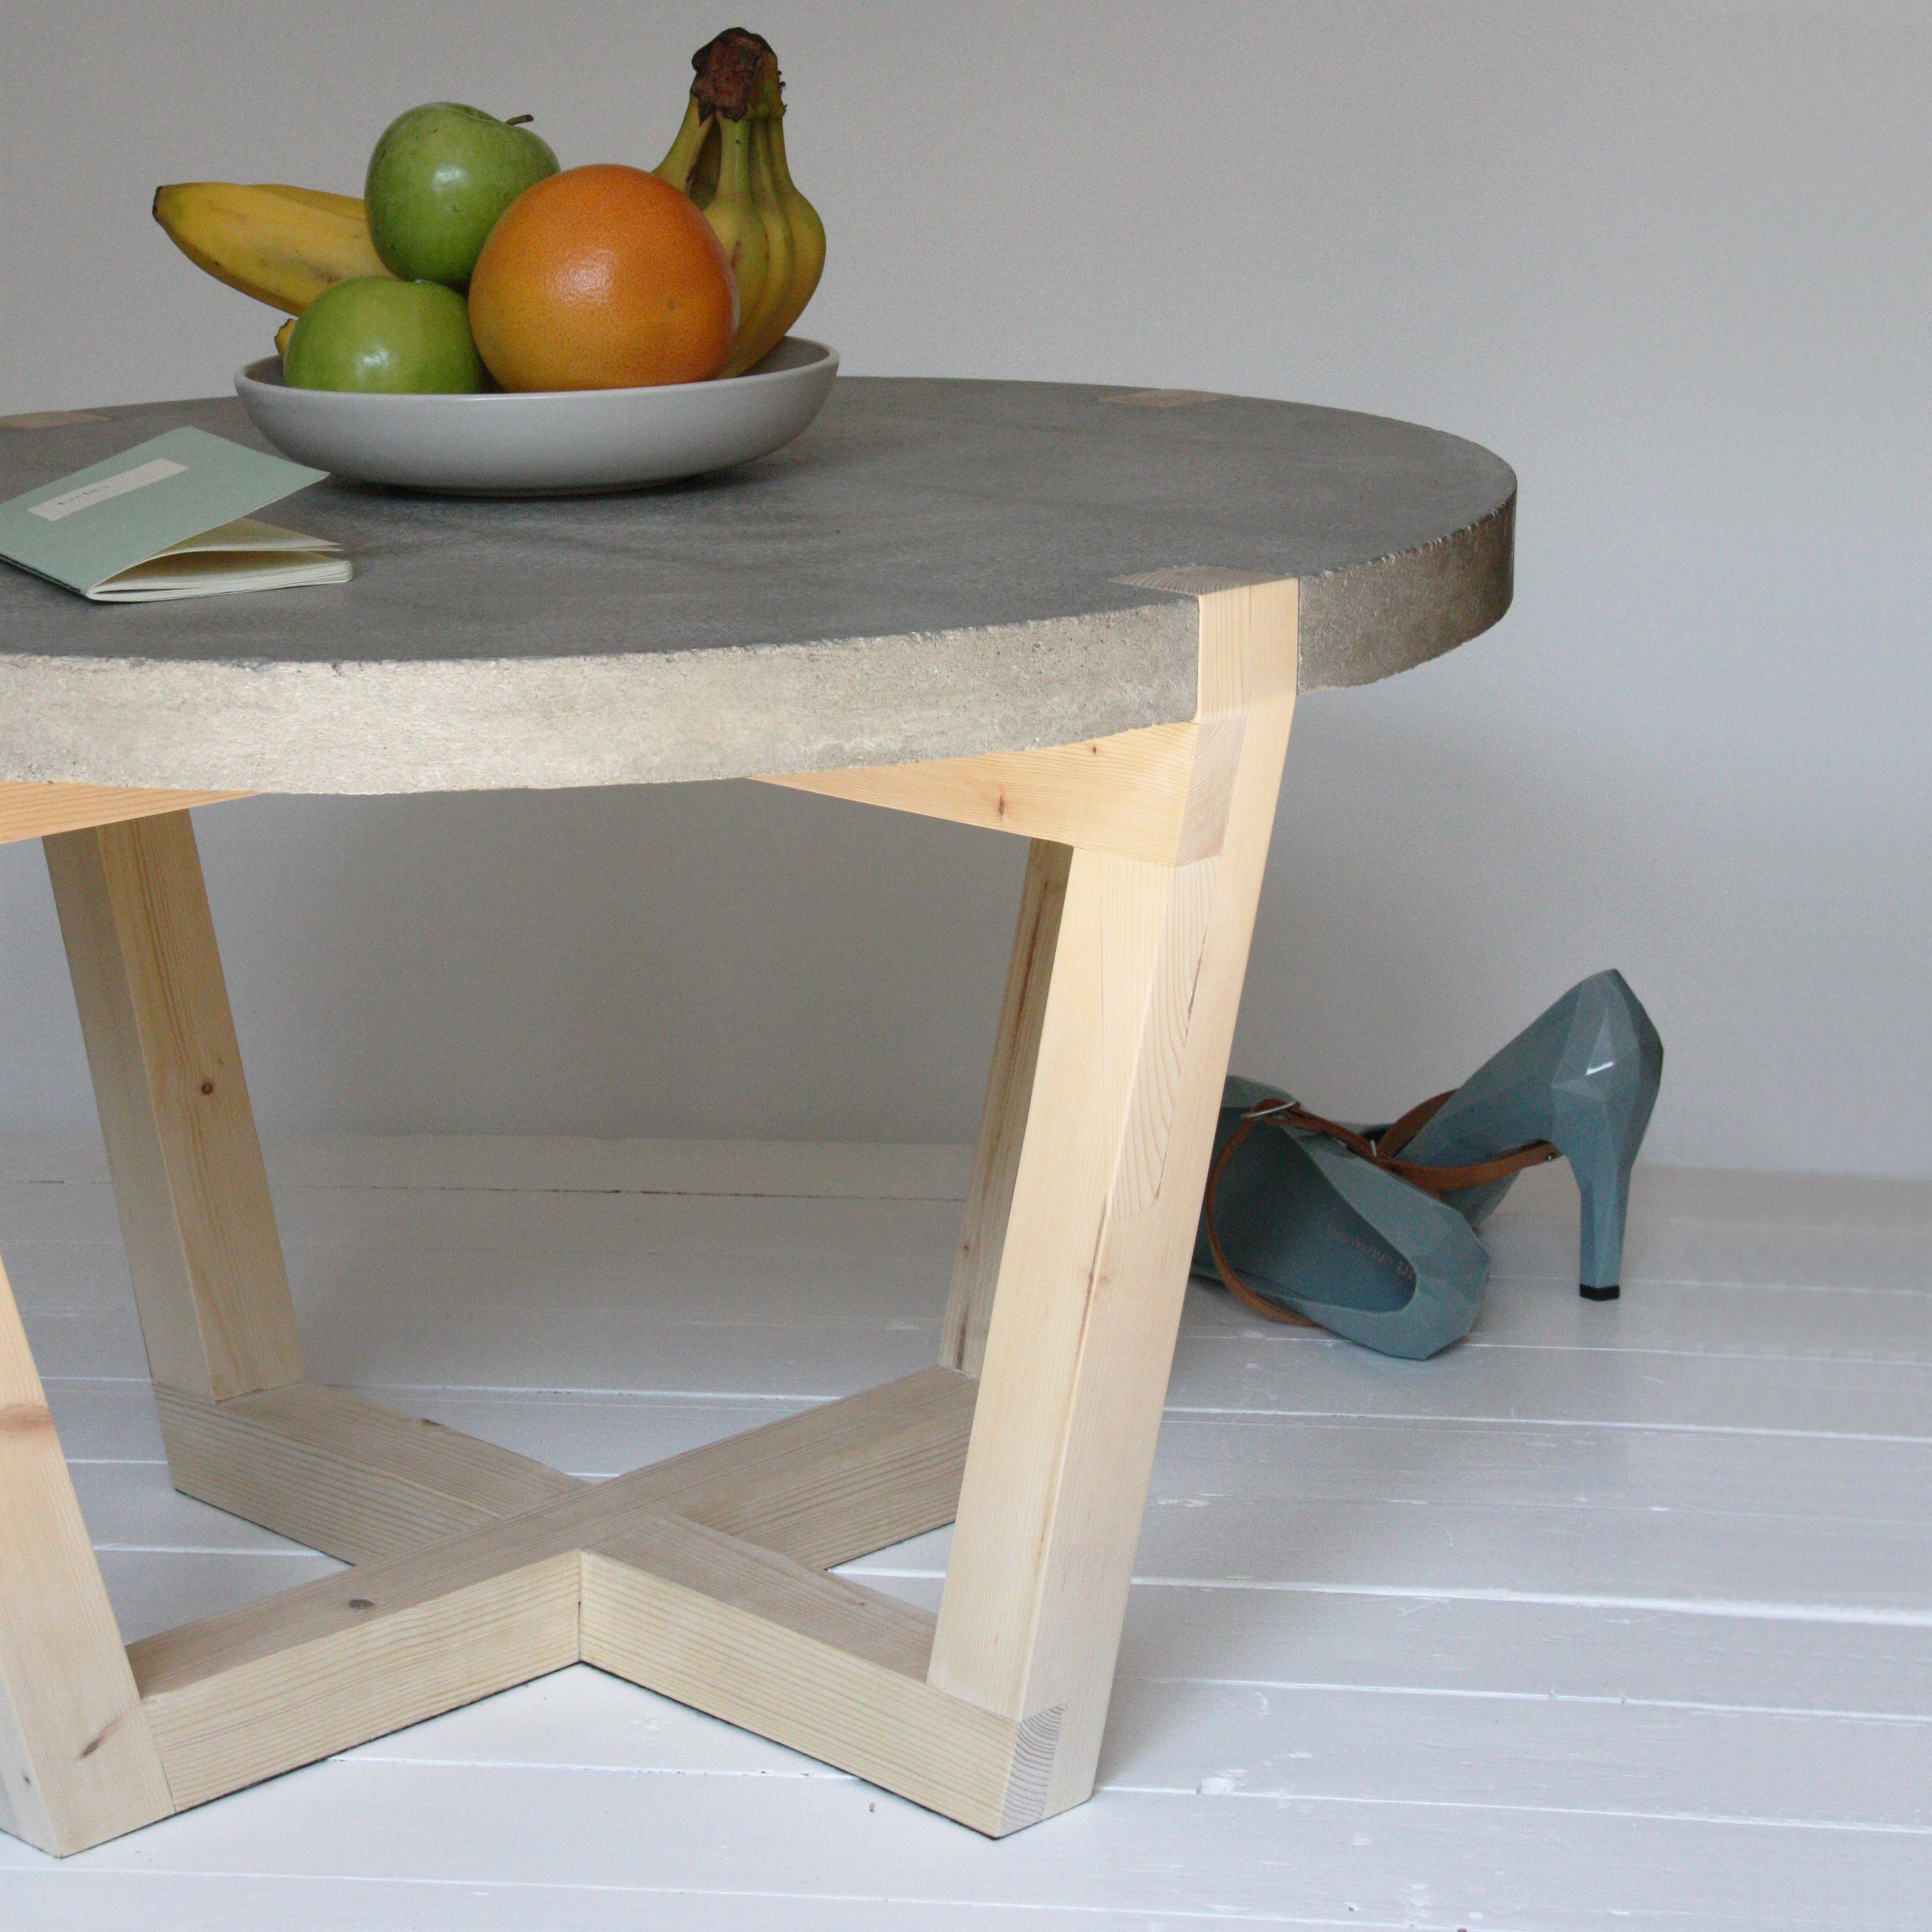 ronde salontafel stolik met betonnen blad i gimmii magazine